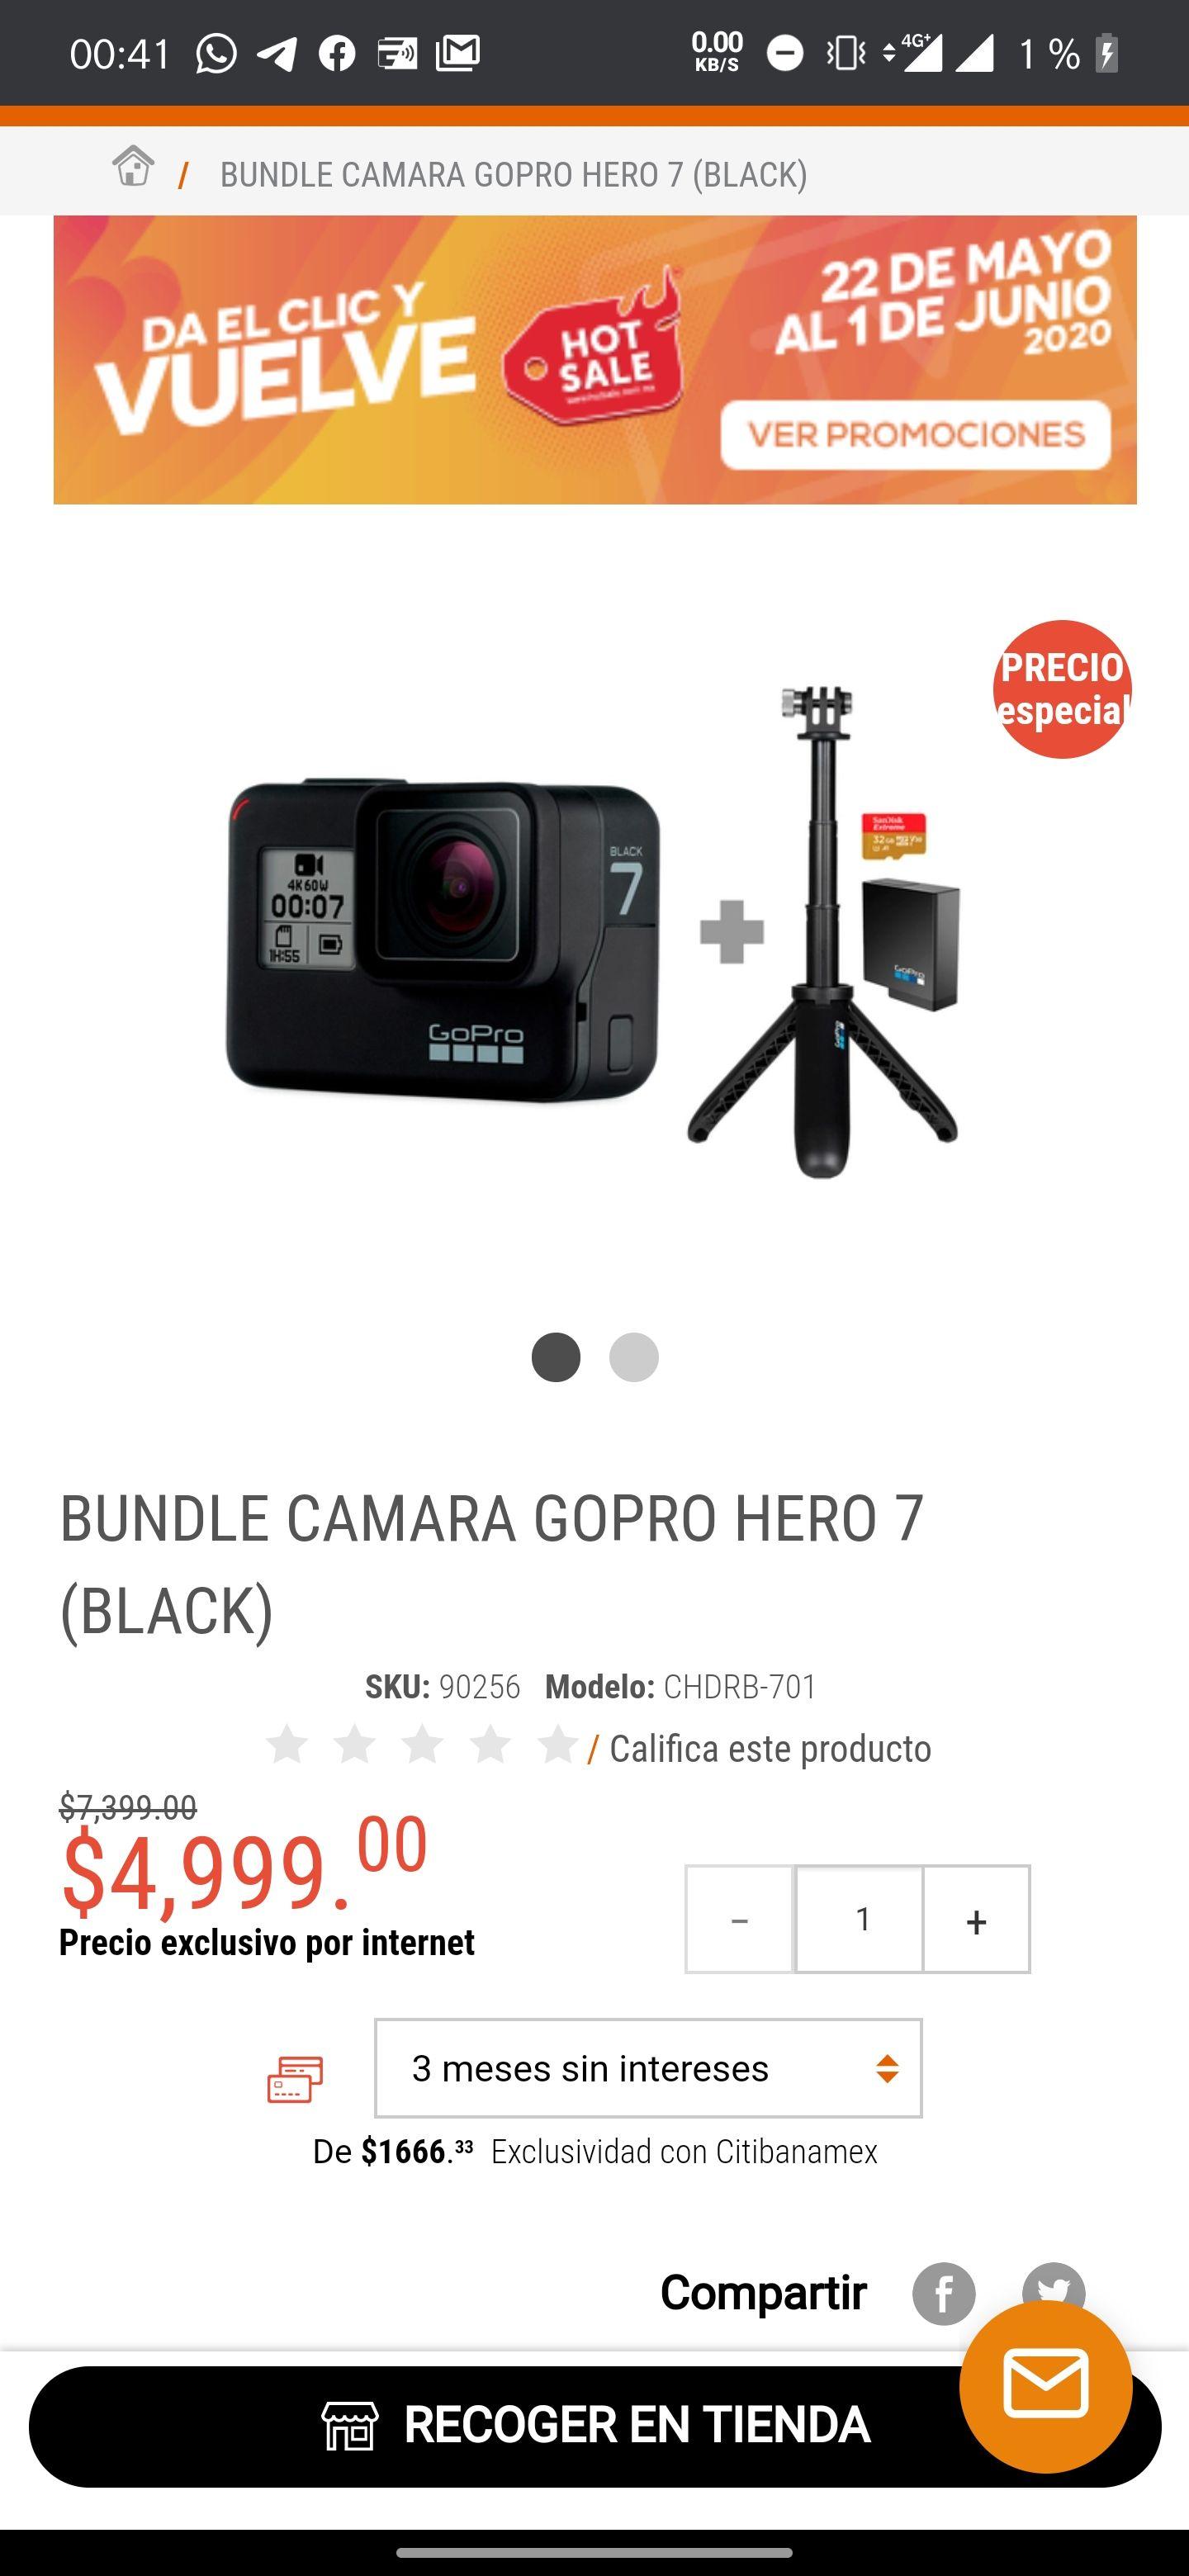 Radioshack bundle Gopro hero 7 black comprando con Paypal y bancomer